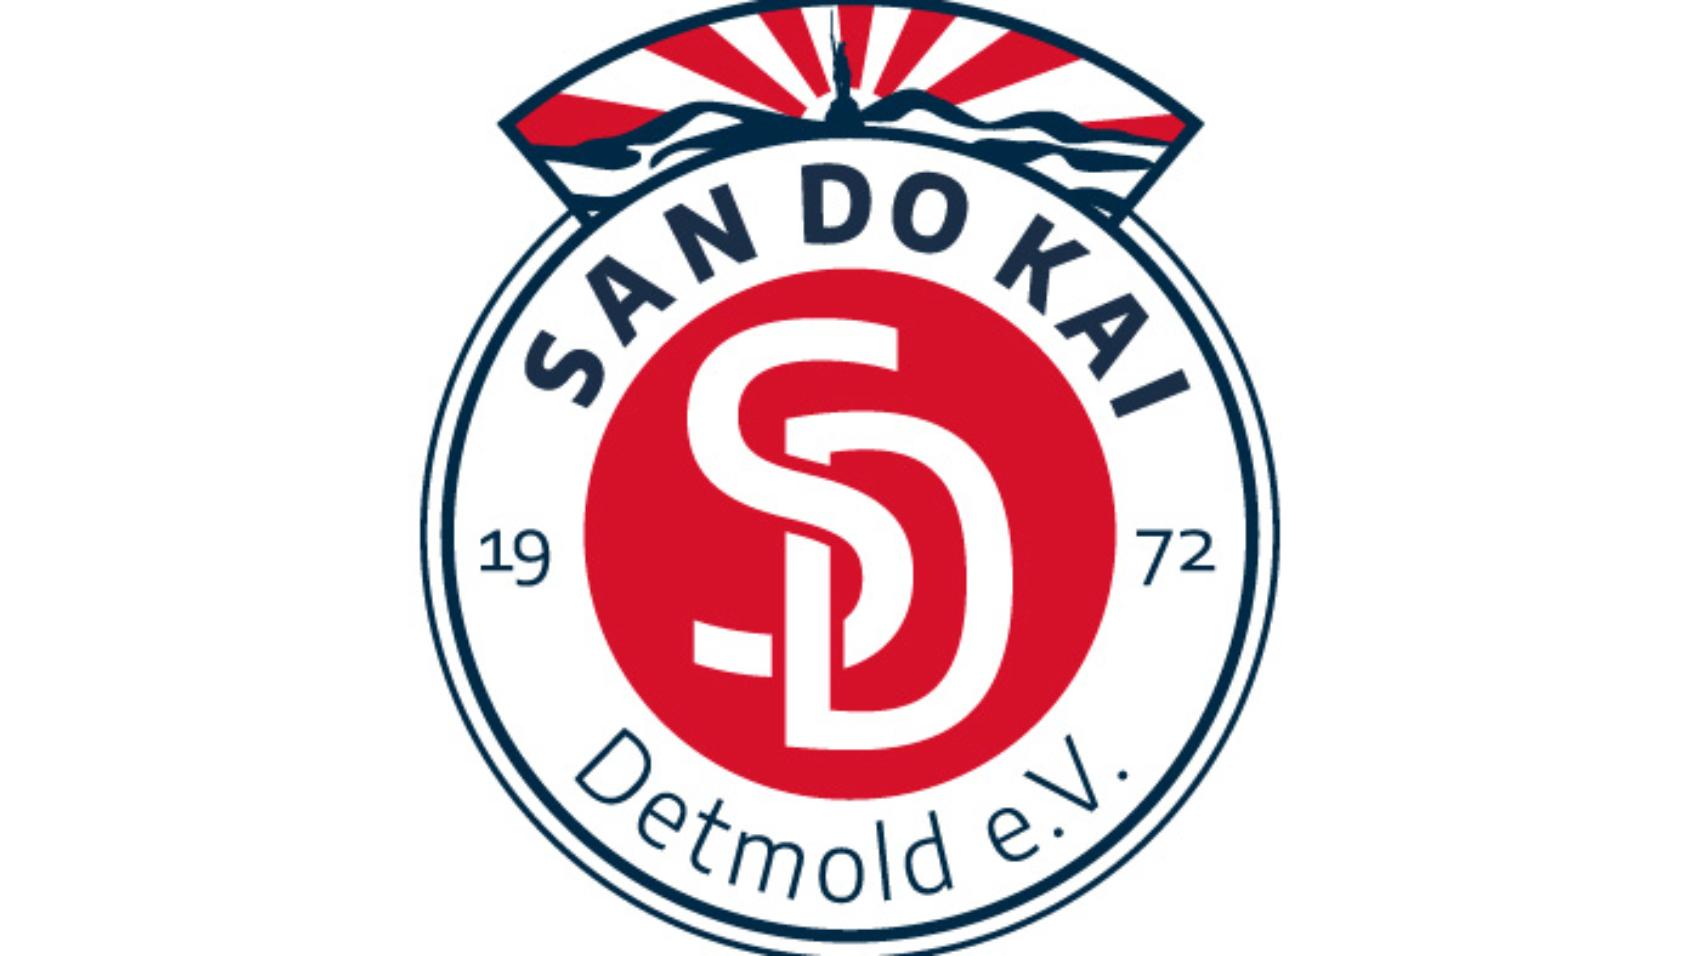 Sandokai Logo sRGB b-80